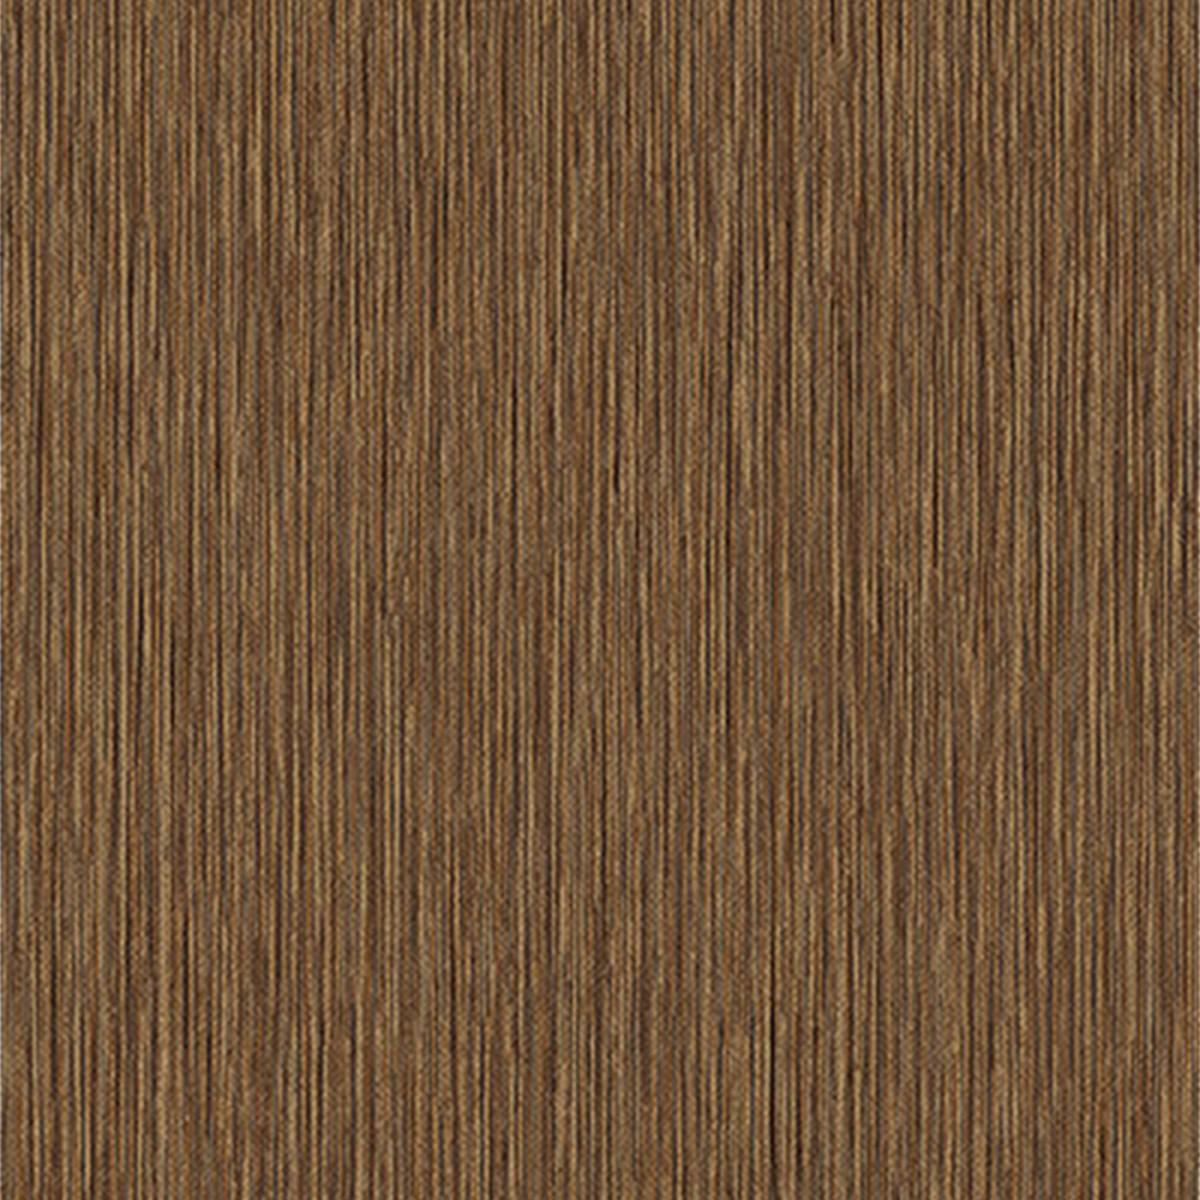 Обои флизелиновые Adawall Kalinka коричневые 1.06 м 5801-5